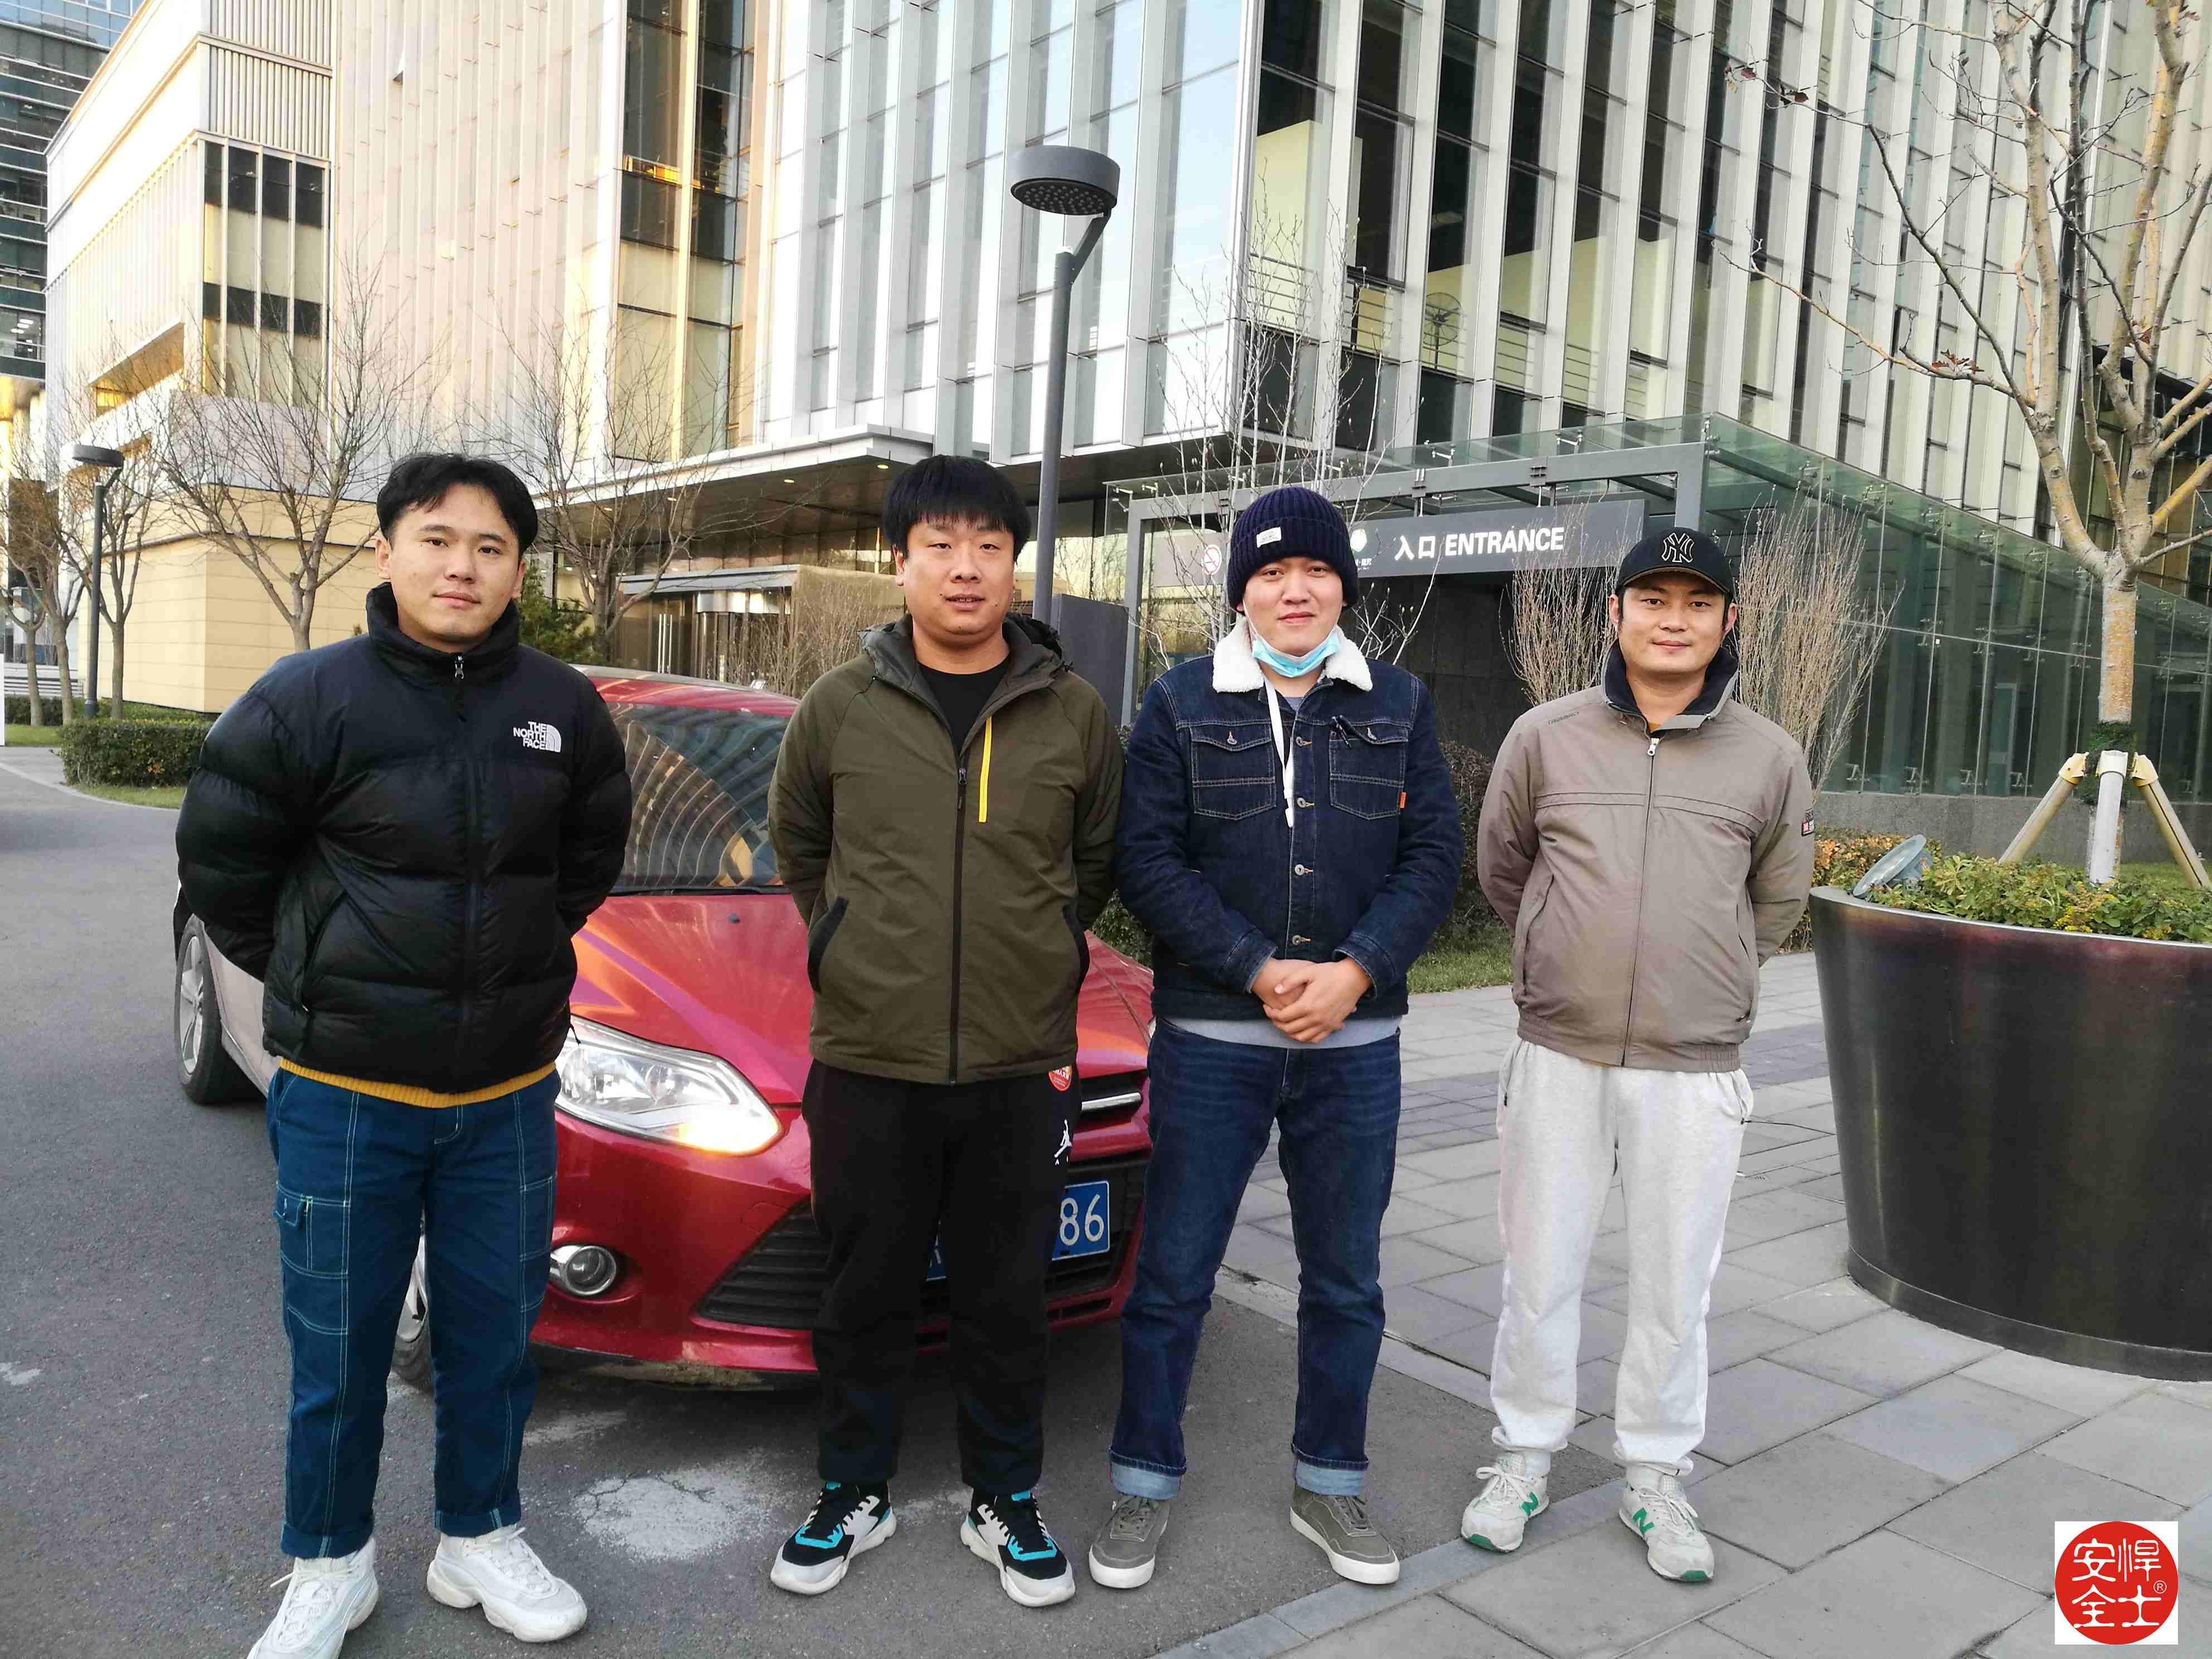 滴滴北京团队接受悍士防御性驾驶实操训练